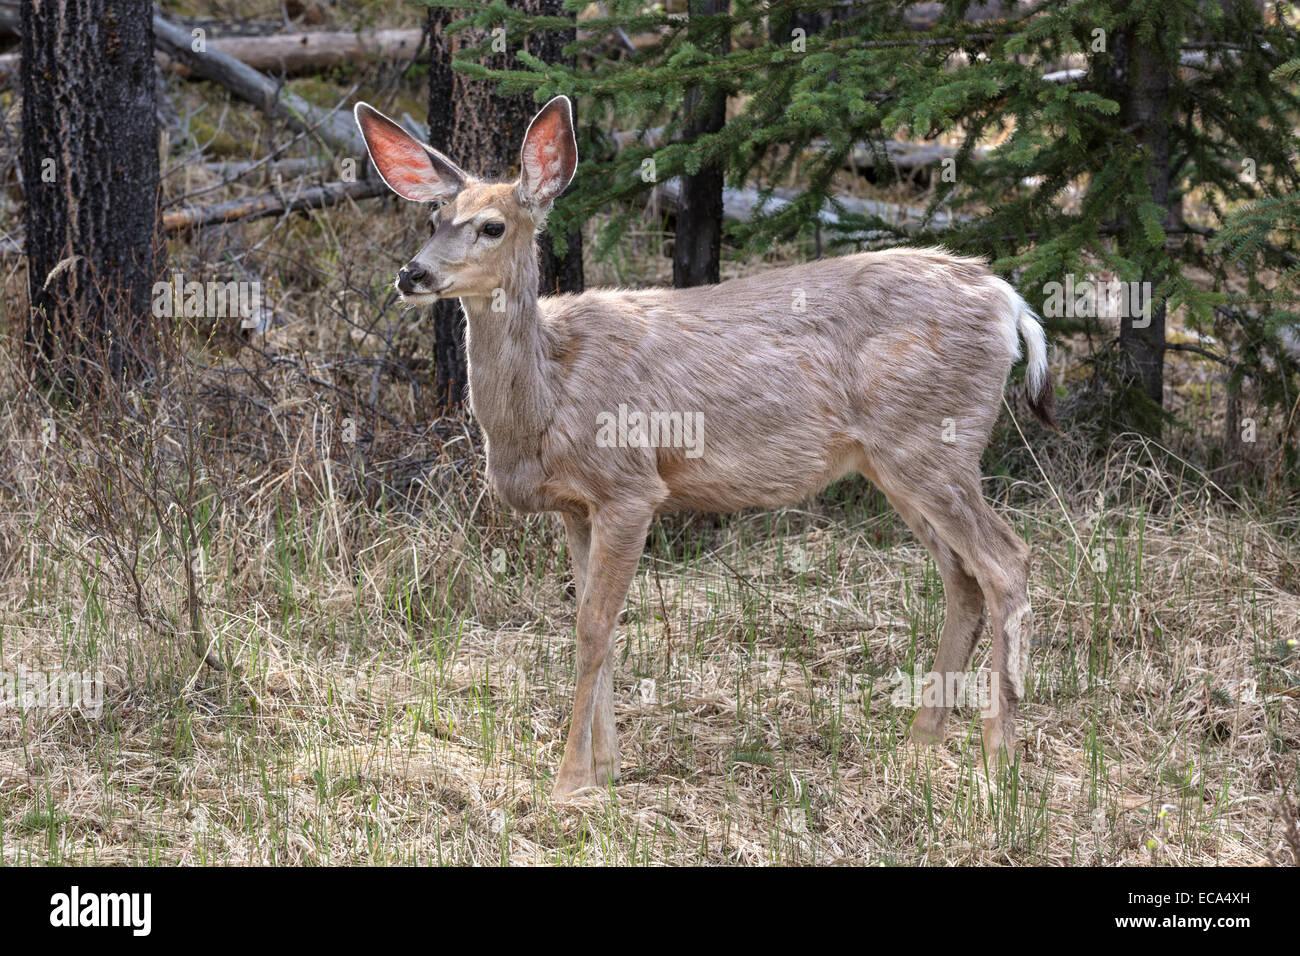 Mule Deer in spring moult - Stock Image